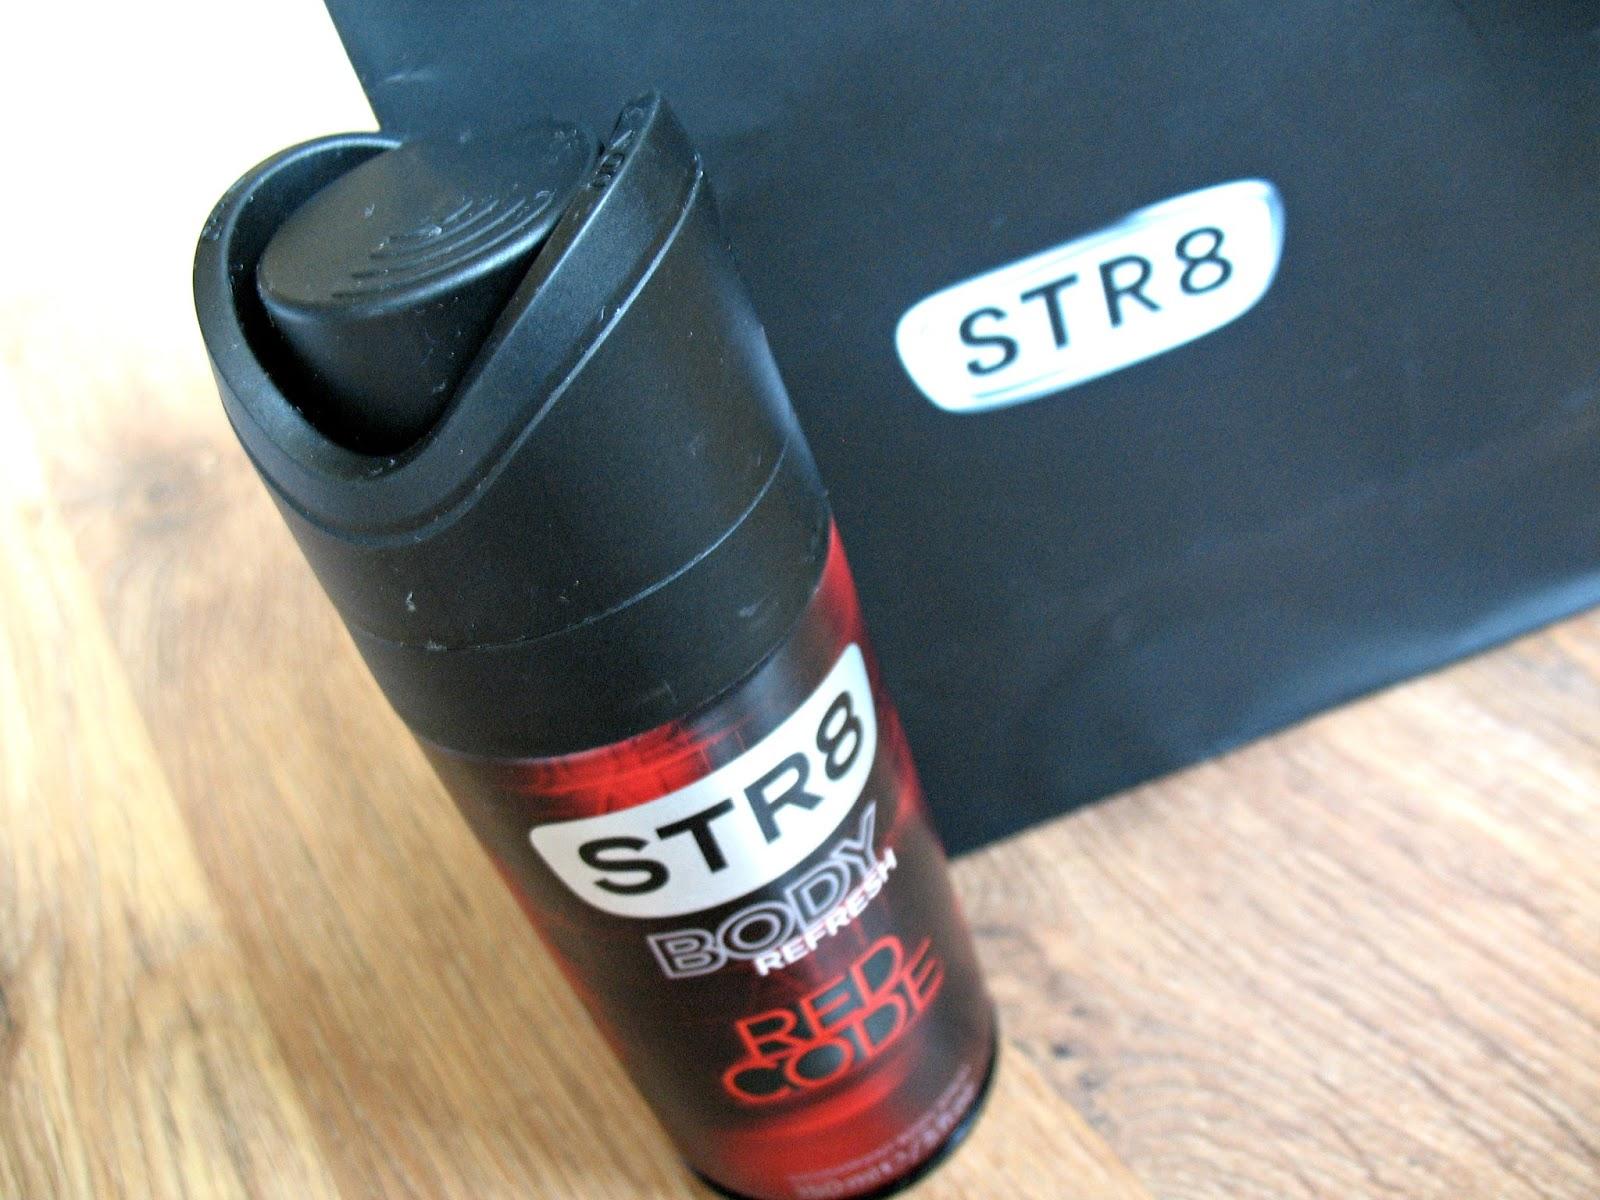 STR8_body_refresh_red_code_10